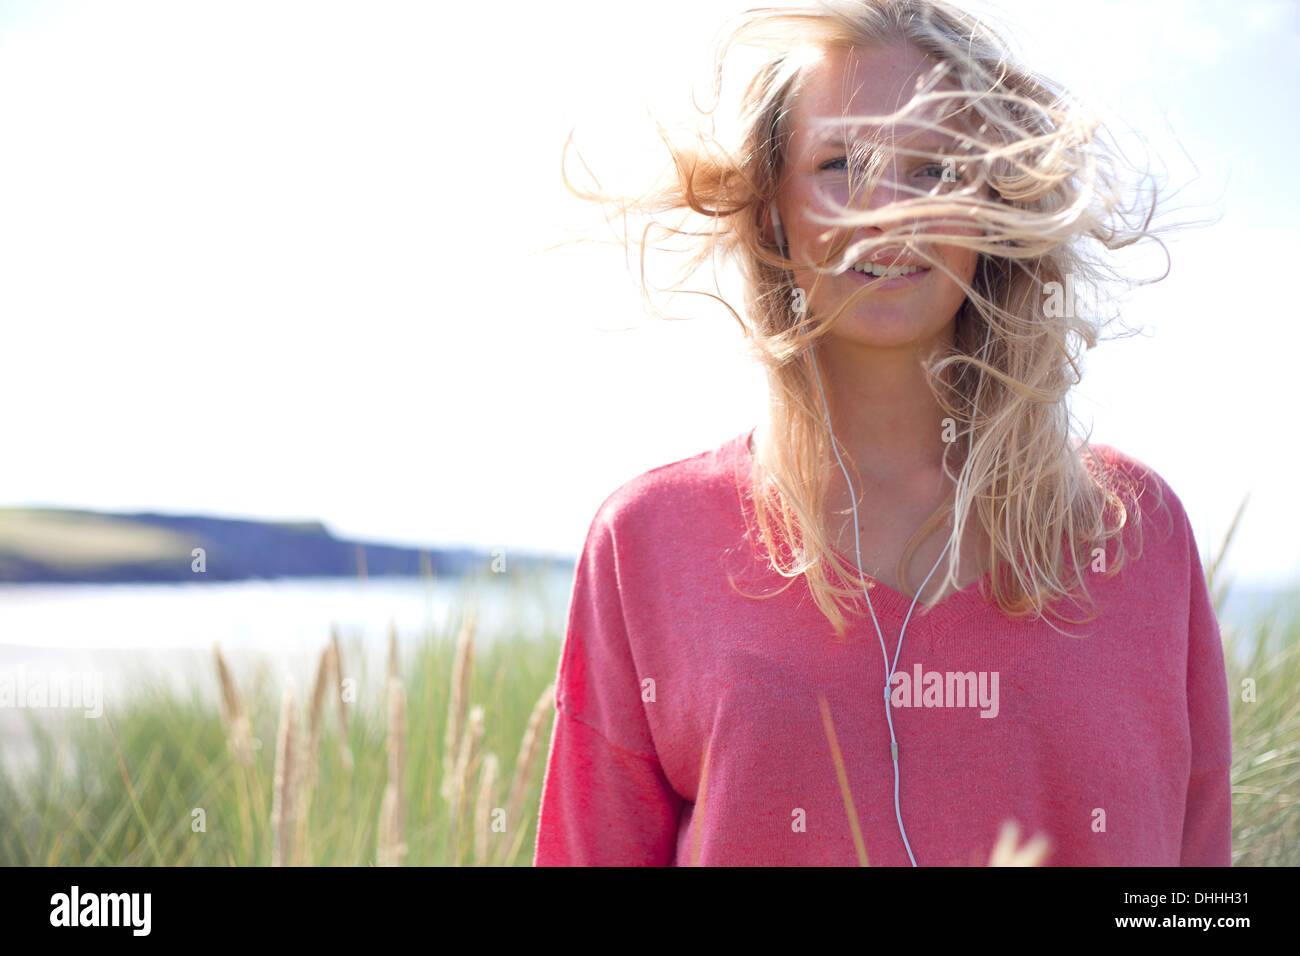 Porträt der Frau mit chaotisch blonde Haare, Wales, UK Stockbild